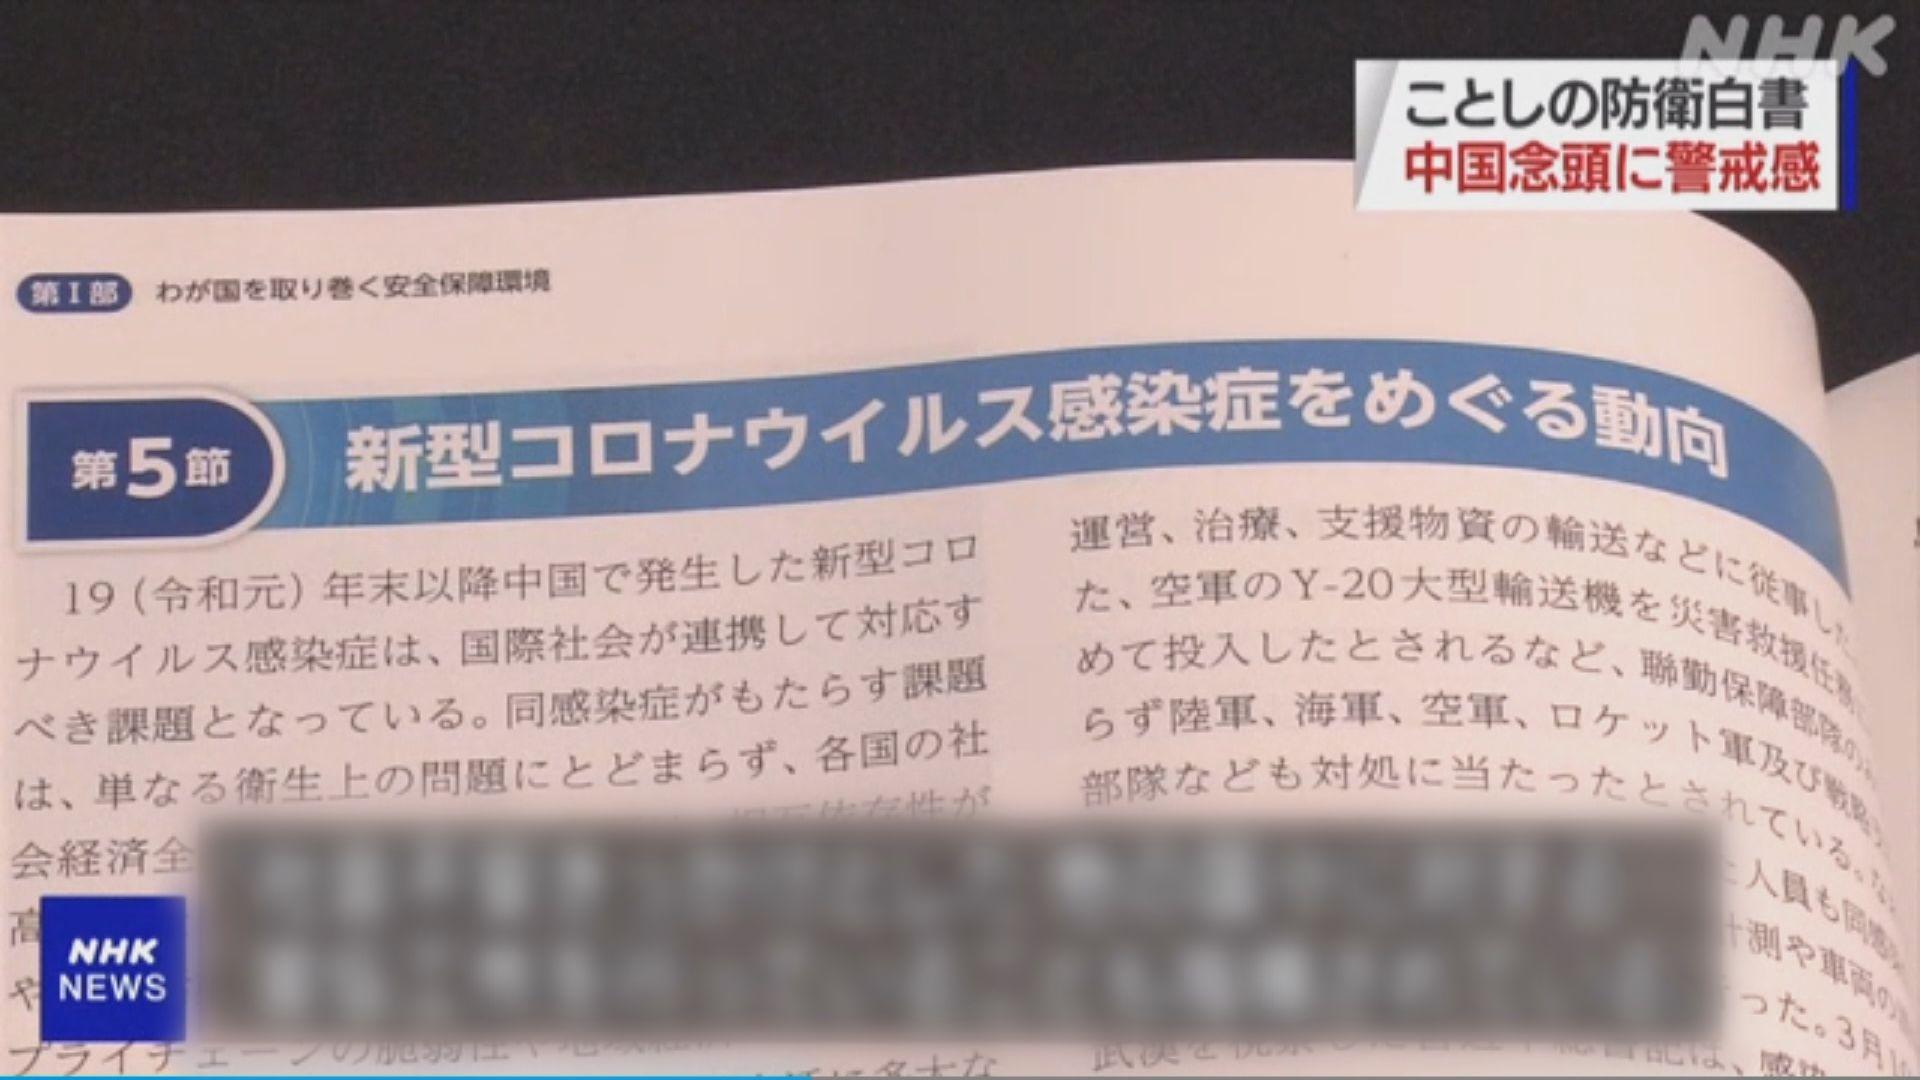 日防衛白皮書指憂中國持續試圖改變釣魚島現狀 中方批白皮書是「黑材料」